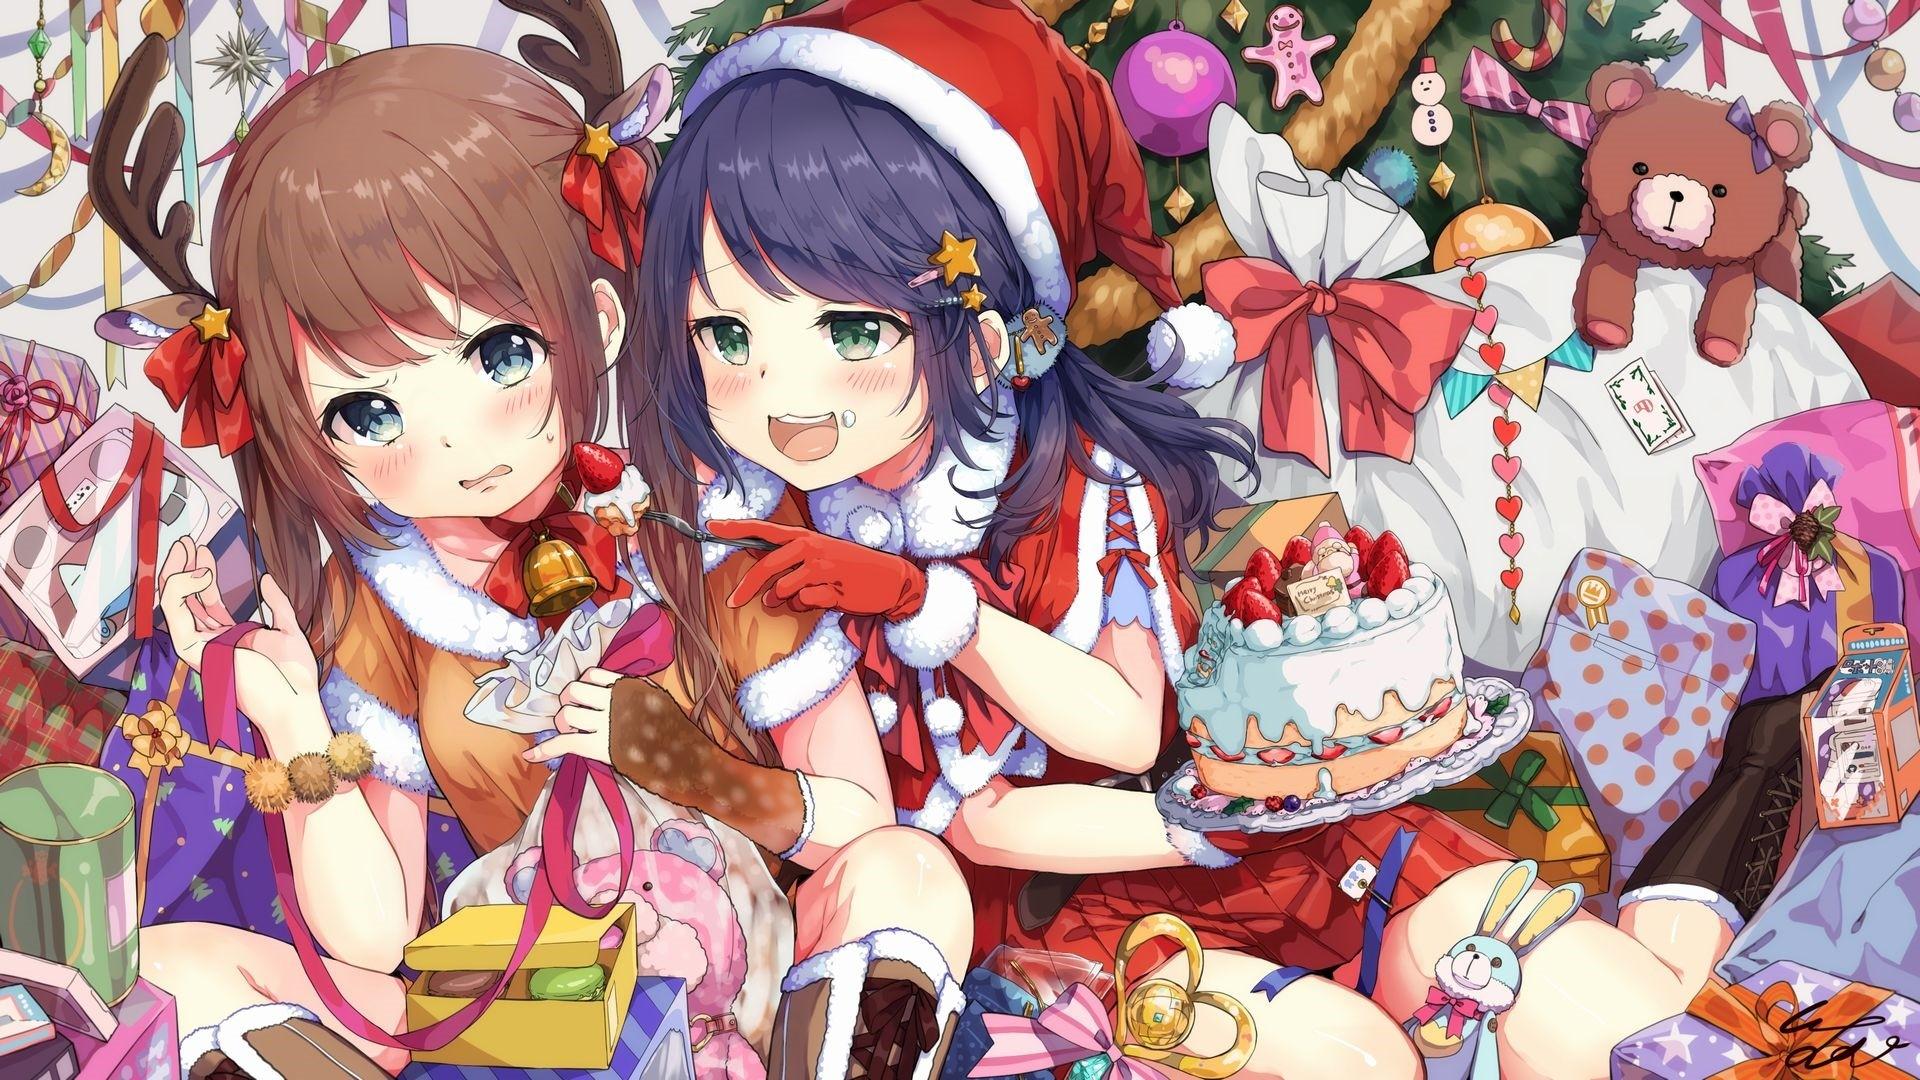 Christmas Anime Girl Pic